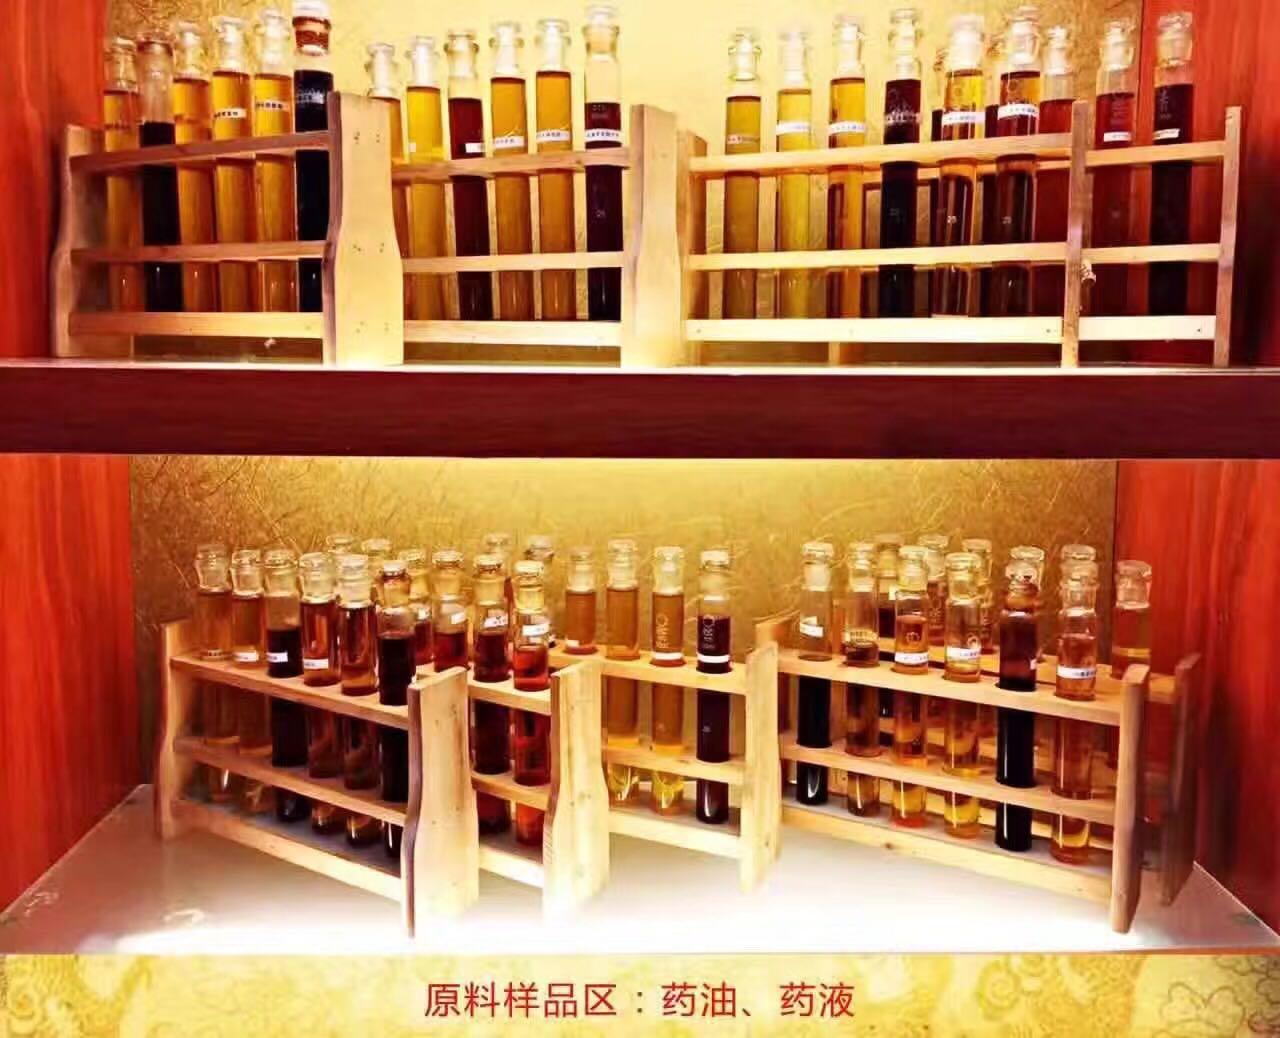 来自罗香荣发布的供应信息:精油、药油、本草油、养生套合0EM/0D... - 广州葆诗林生物科技有限公司